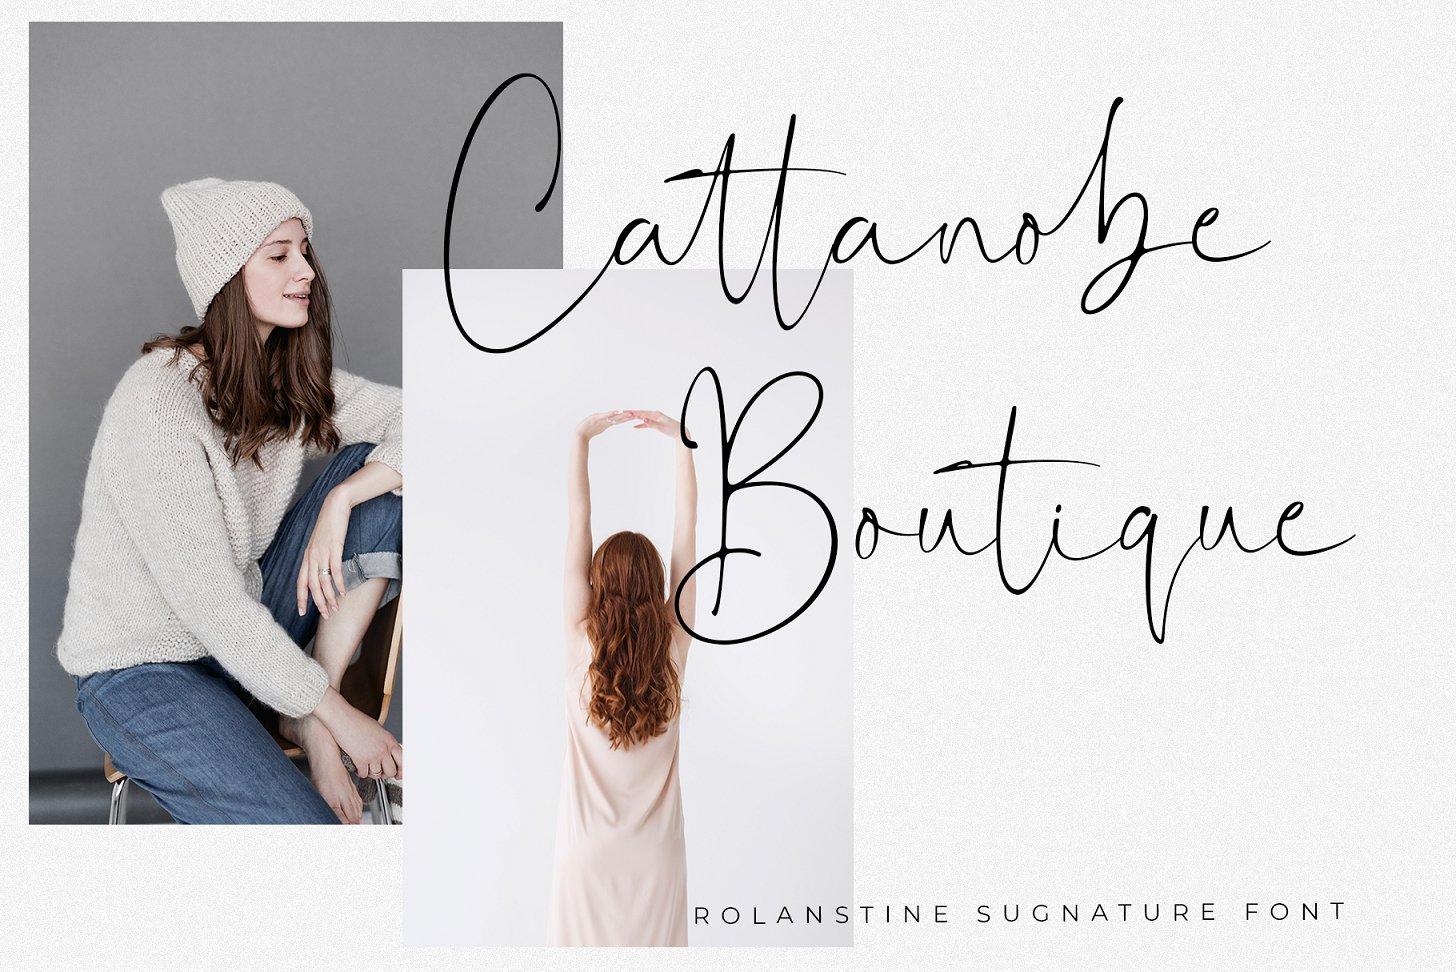 Rolanstine Authentic Signature example image 2